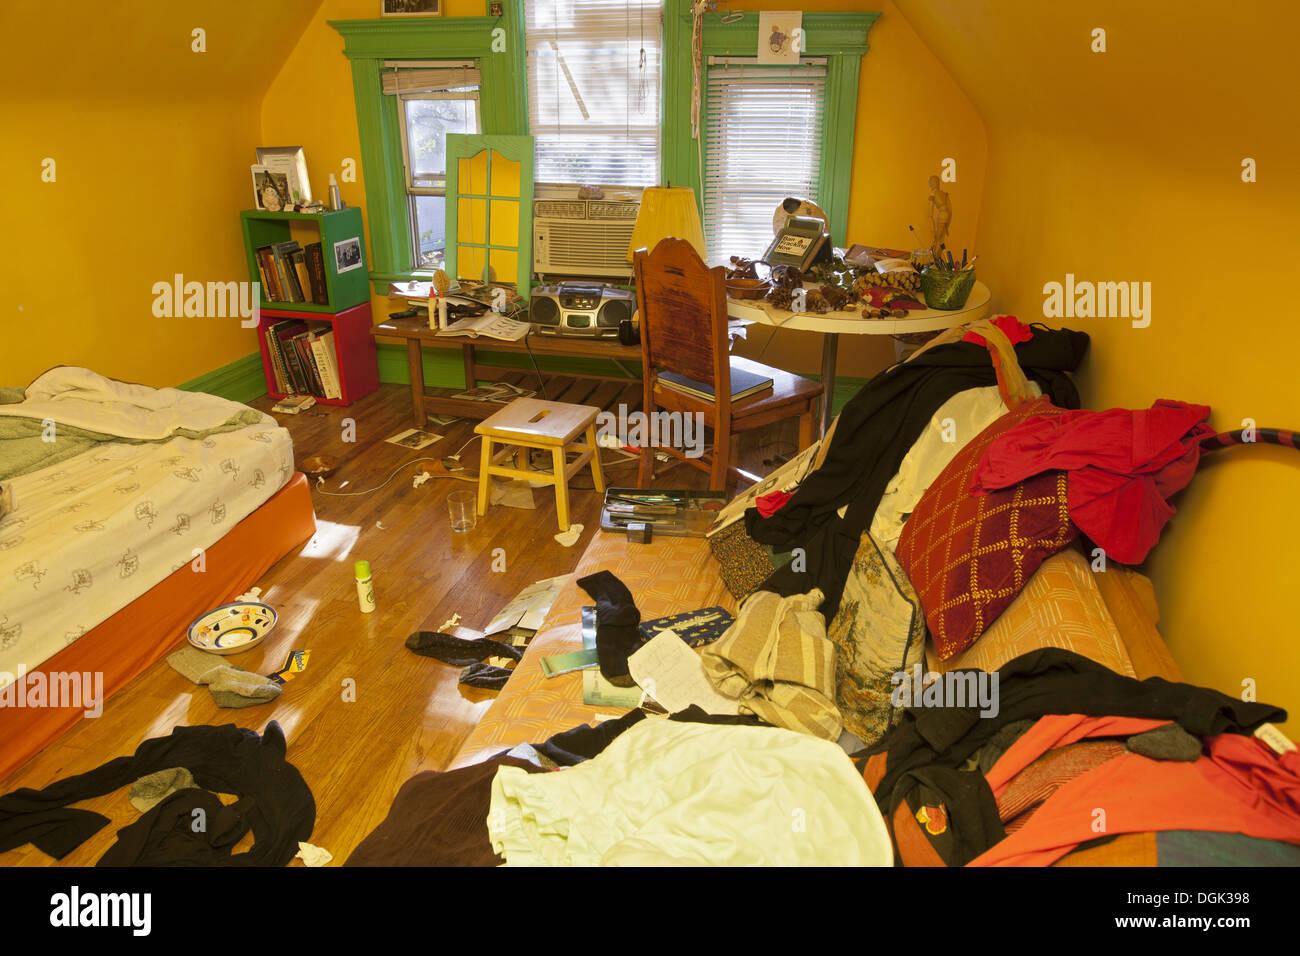 Sehr chaotisch Schlafzimmer eines jungen Menschen. Stockbild